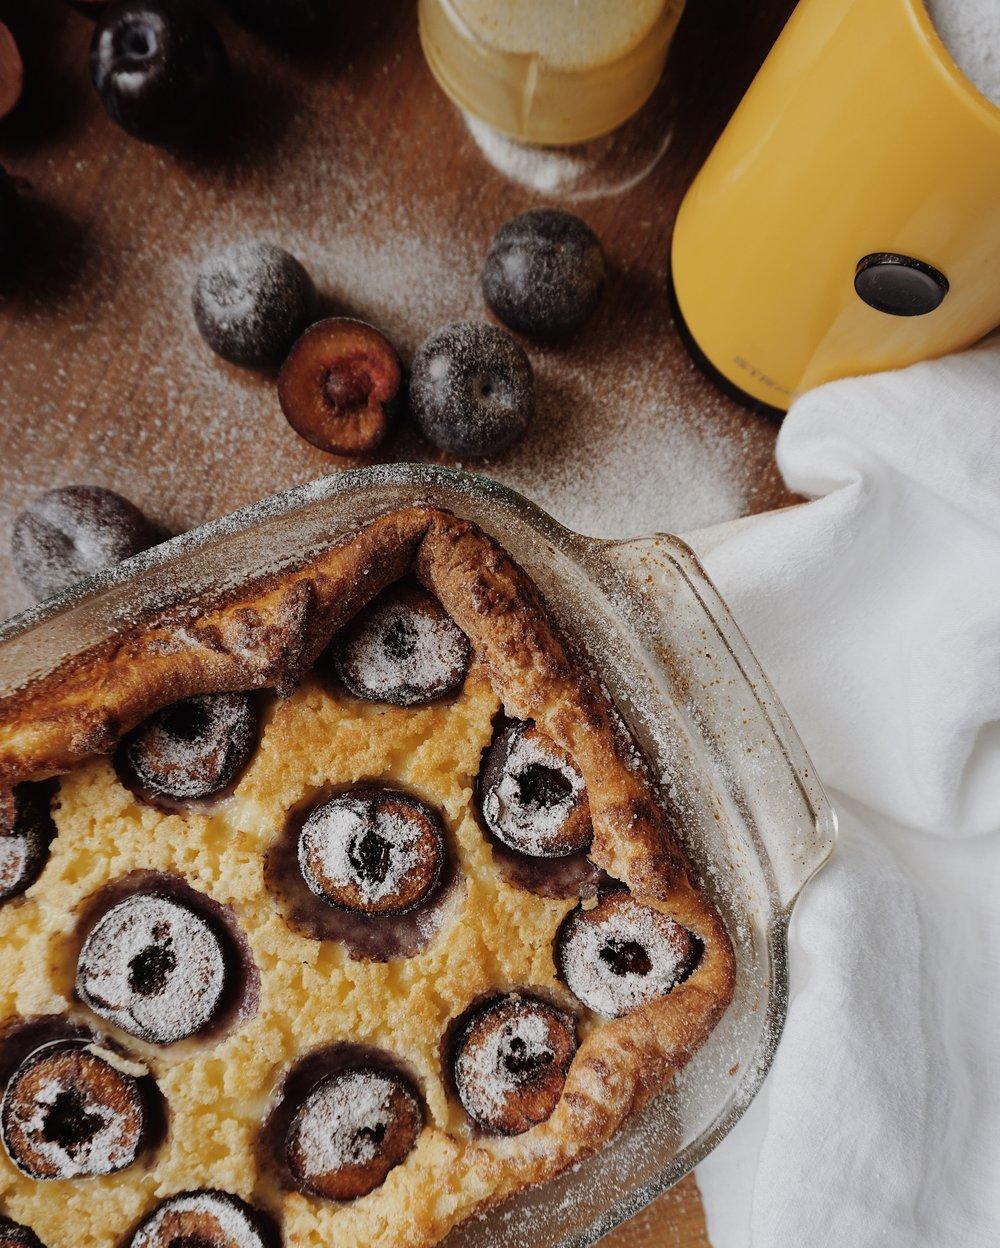 vienkāršā plūmju kūka - kaut kas starp plātsmaizi un crème brûlée.kā tas iespējams? jā, tā var. krēmīgs deserts par godu lēni plaukstošajam pavasarim -plūmju kūka.